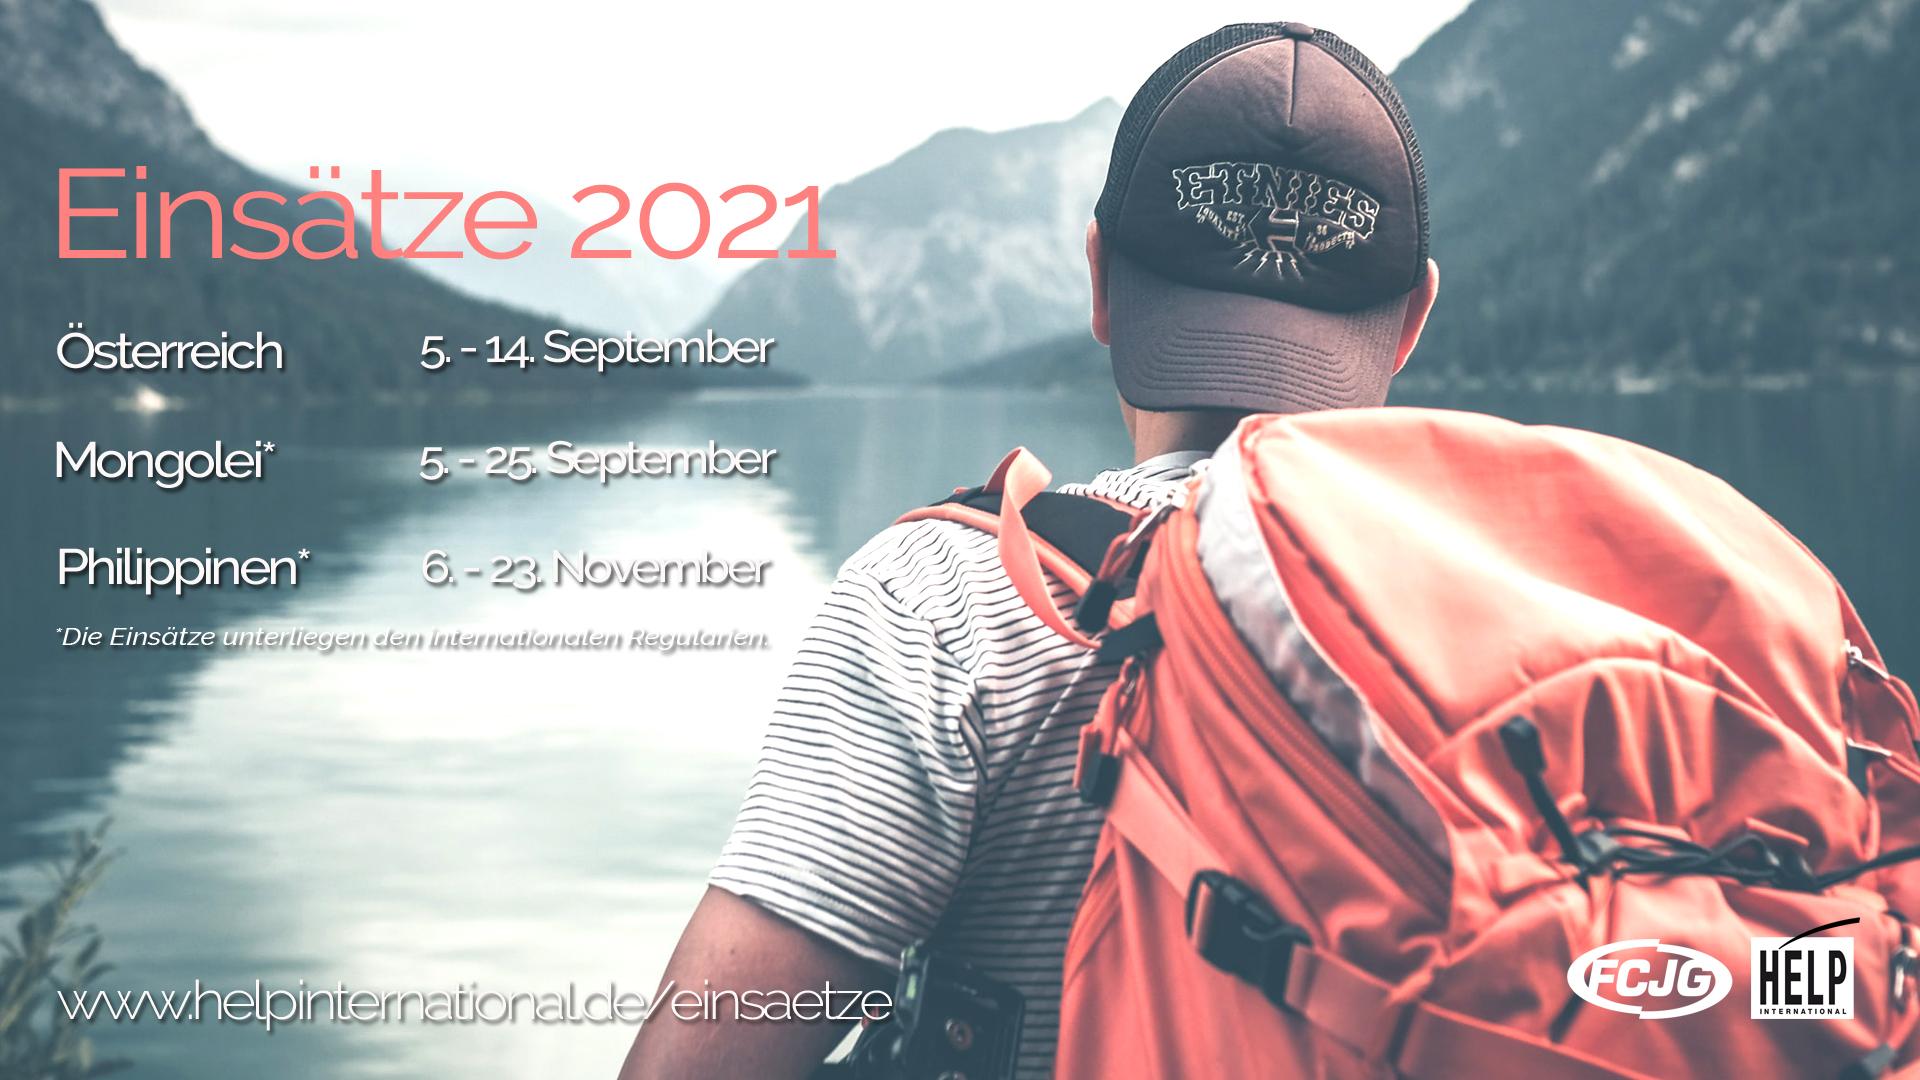 Einsaetze_2021_DE_neu